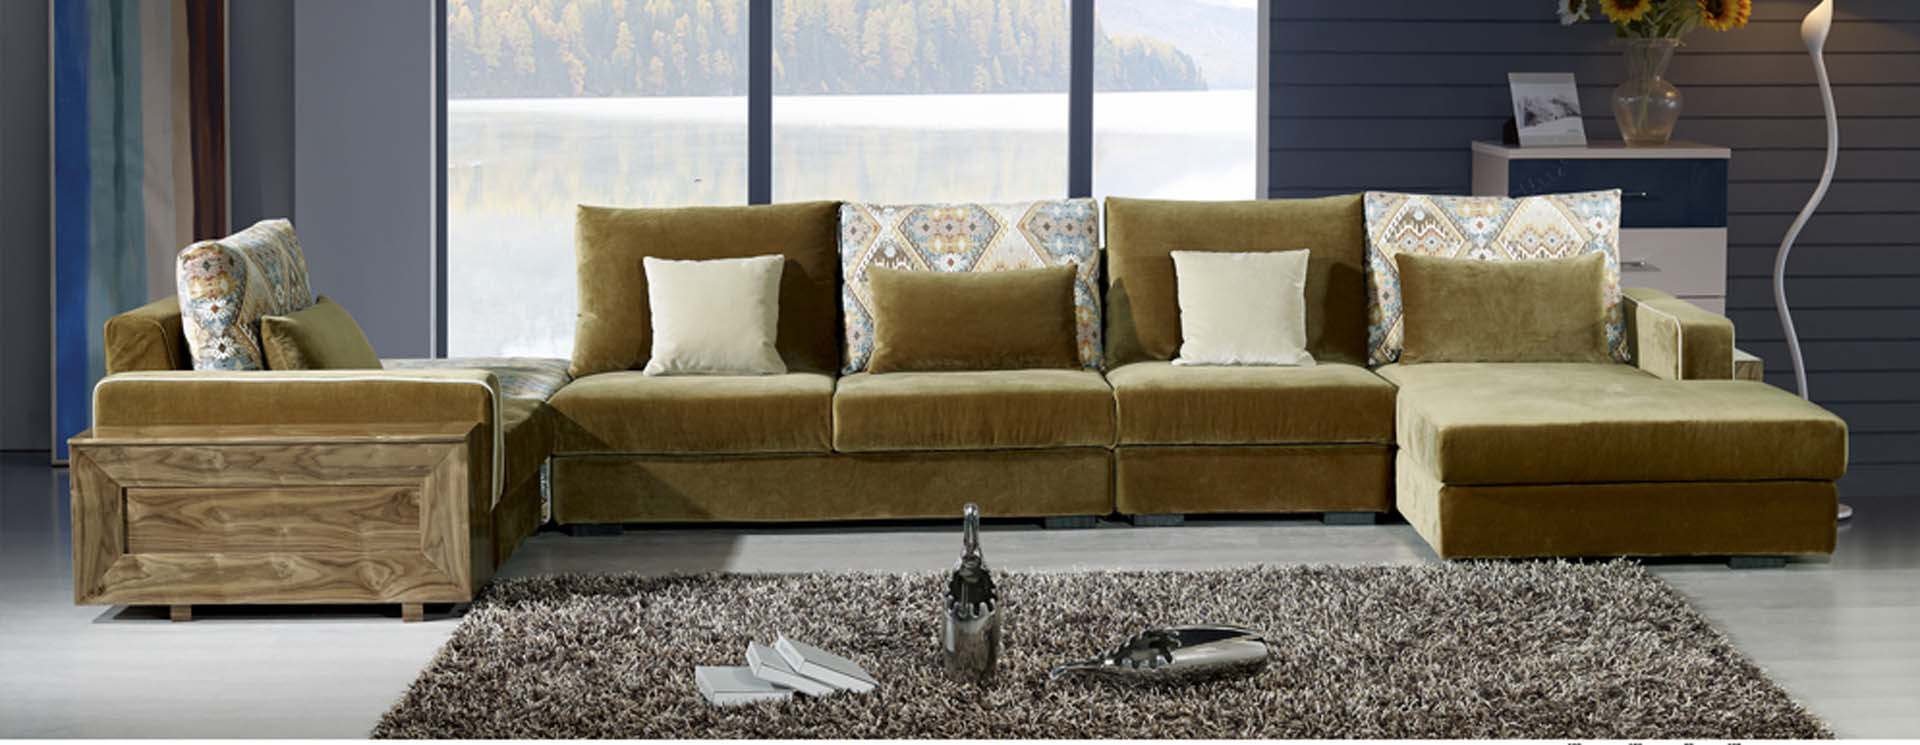 名称:沙发K581#A<br/> 市场价:<font style='color:#999;text-decoration:line-through;'>¥0</font><br />全国统一零售价:<font color='Red'>¥0.0</font>